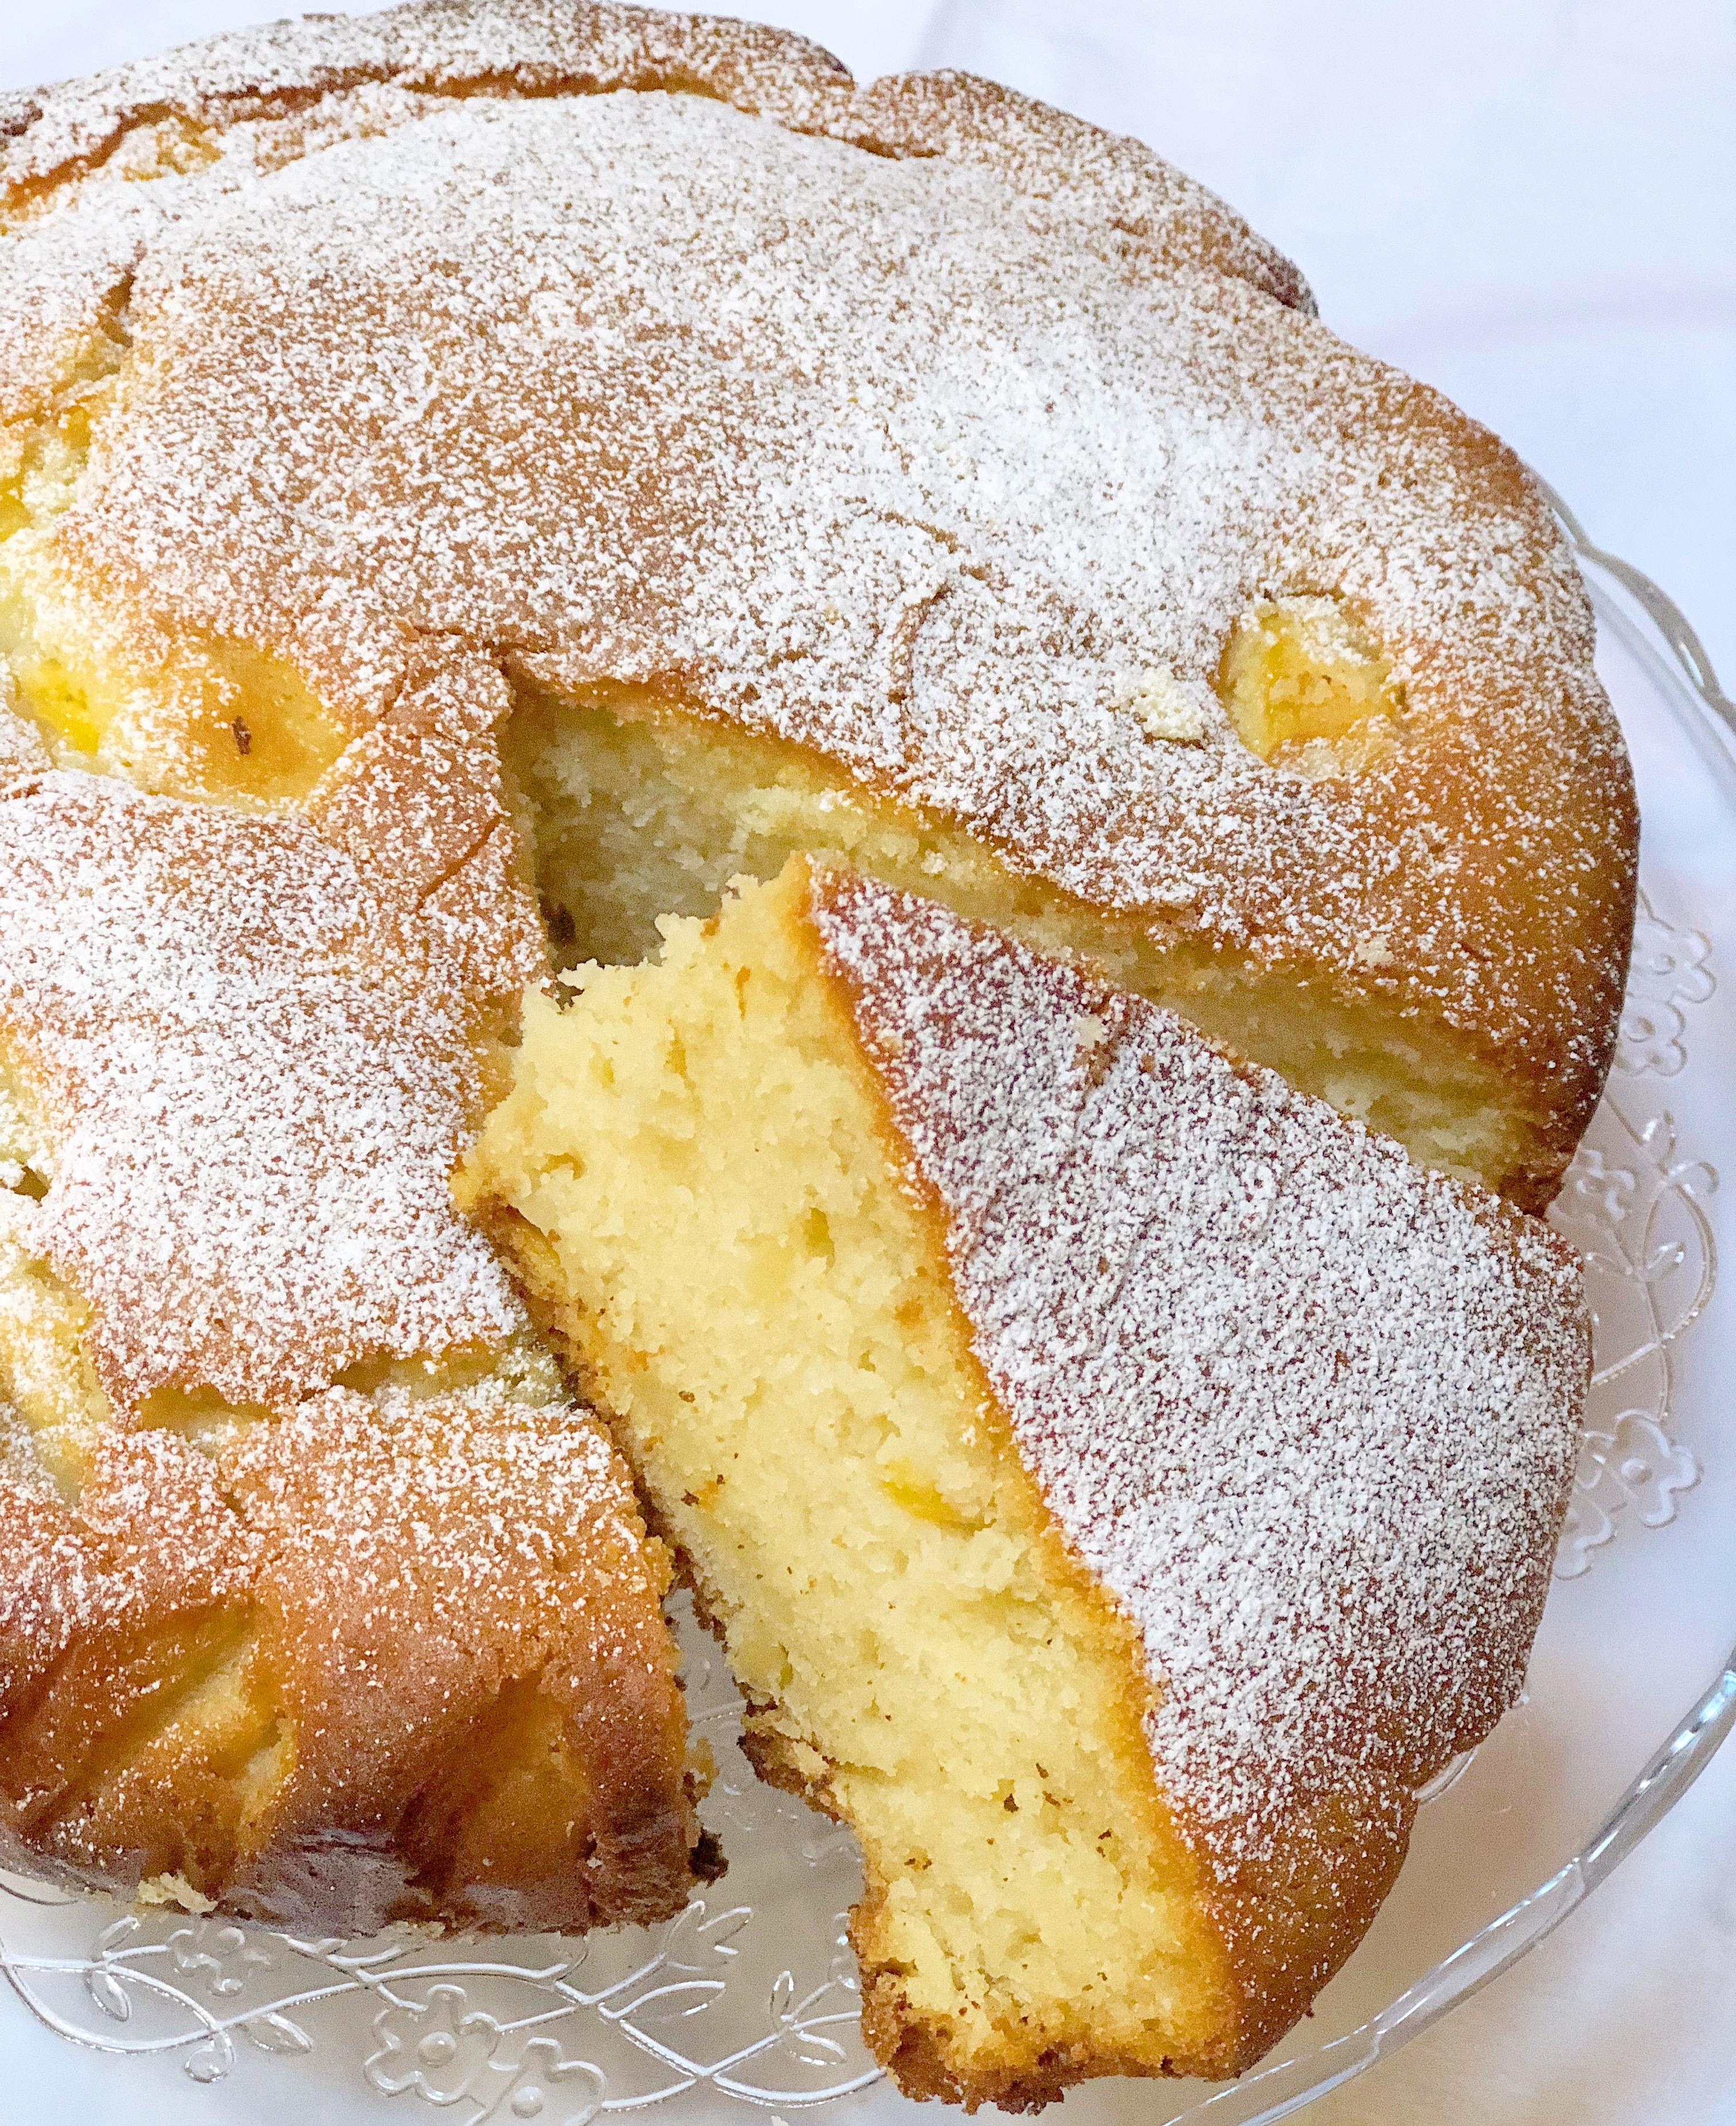 Torta Pesche e Mandorle Senza Burro, golosa e speciale di dolci senza burro